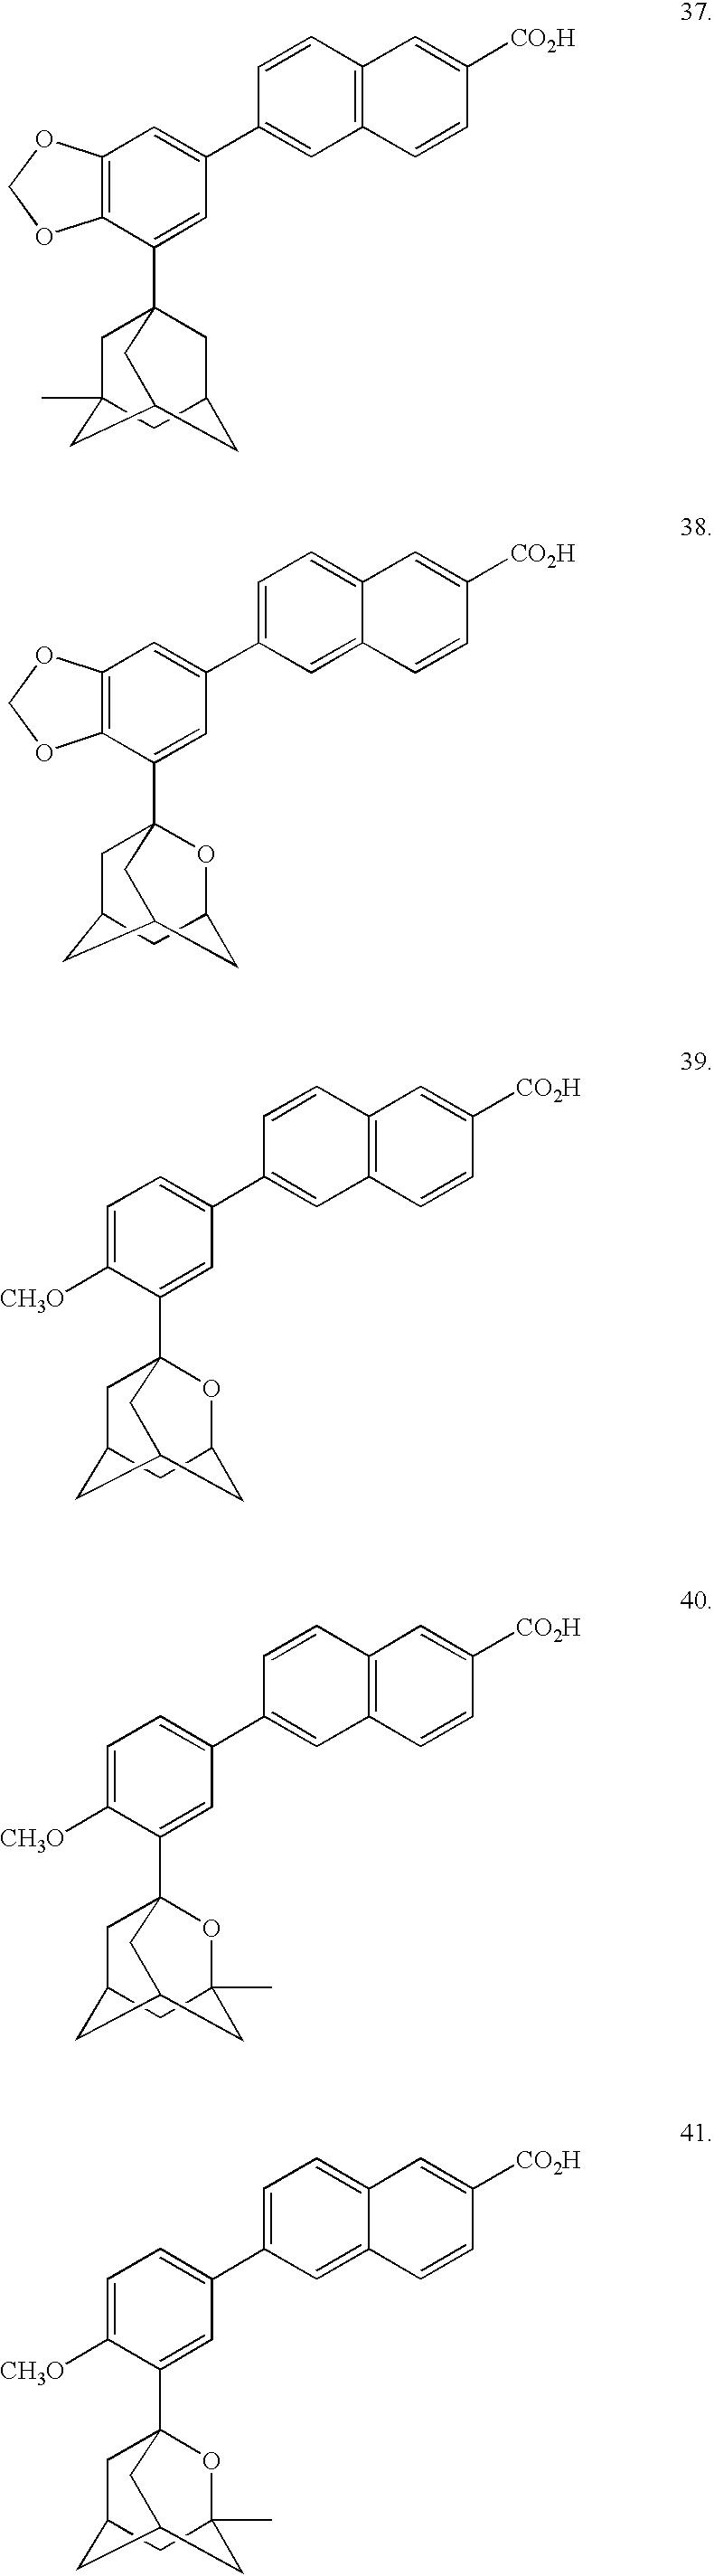 Figure US06462064-20021008-C00032